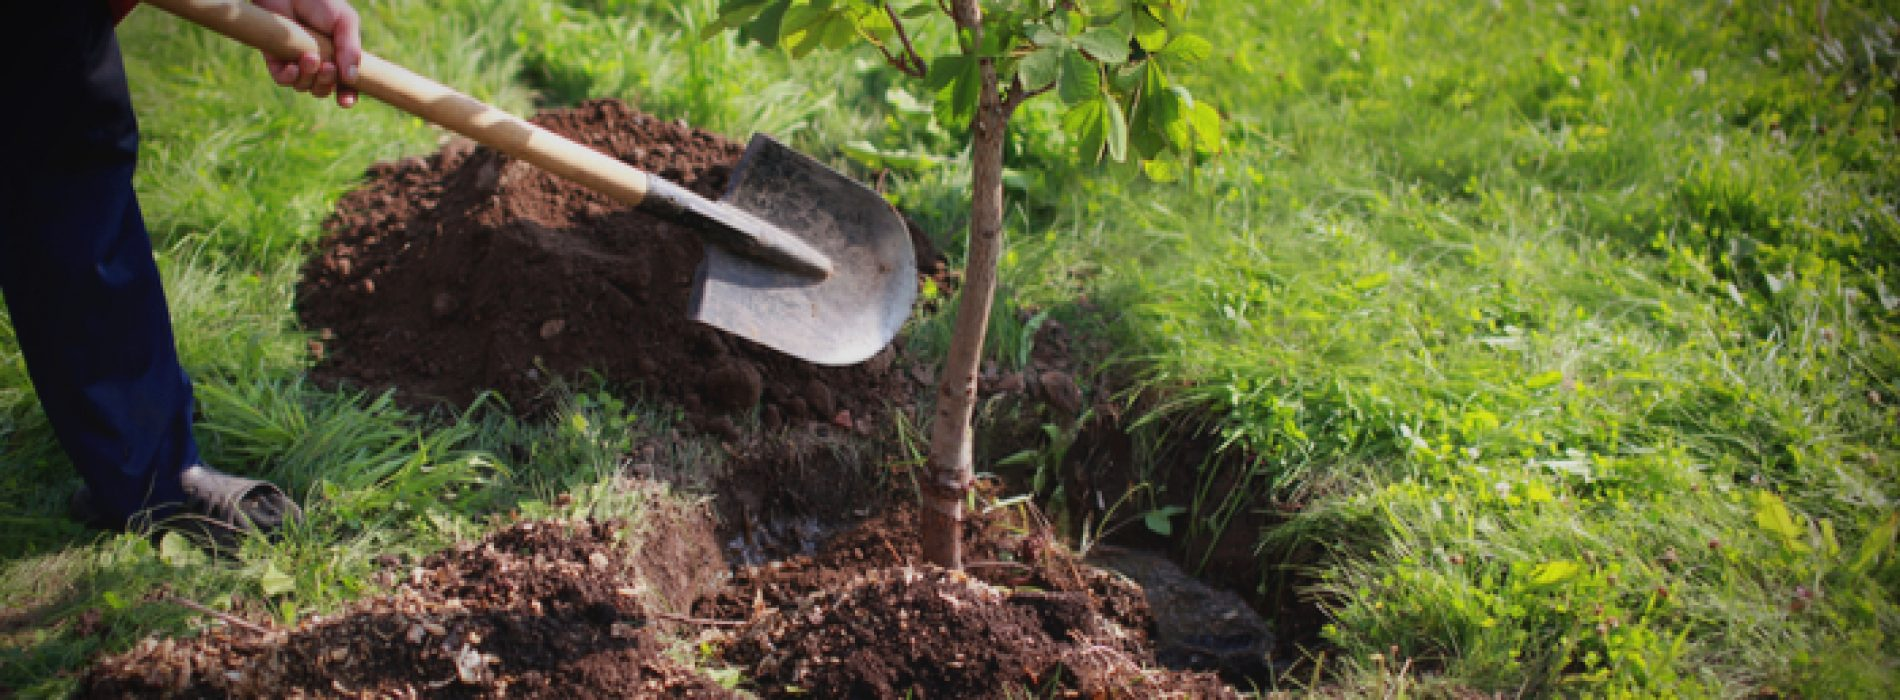 Zo moet het: Nieuw-Zeeland plant 1 miljard bomen om klimaatverandering te bestrijden